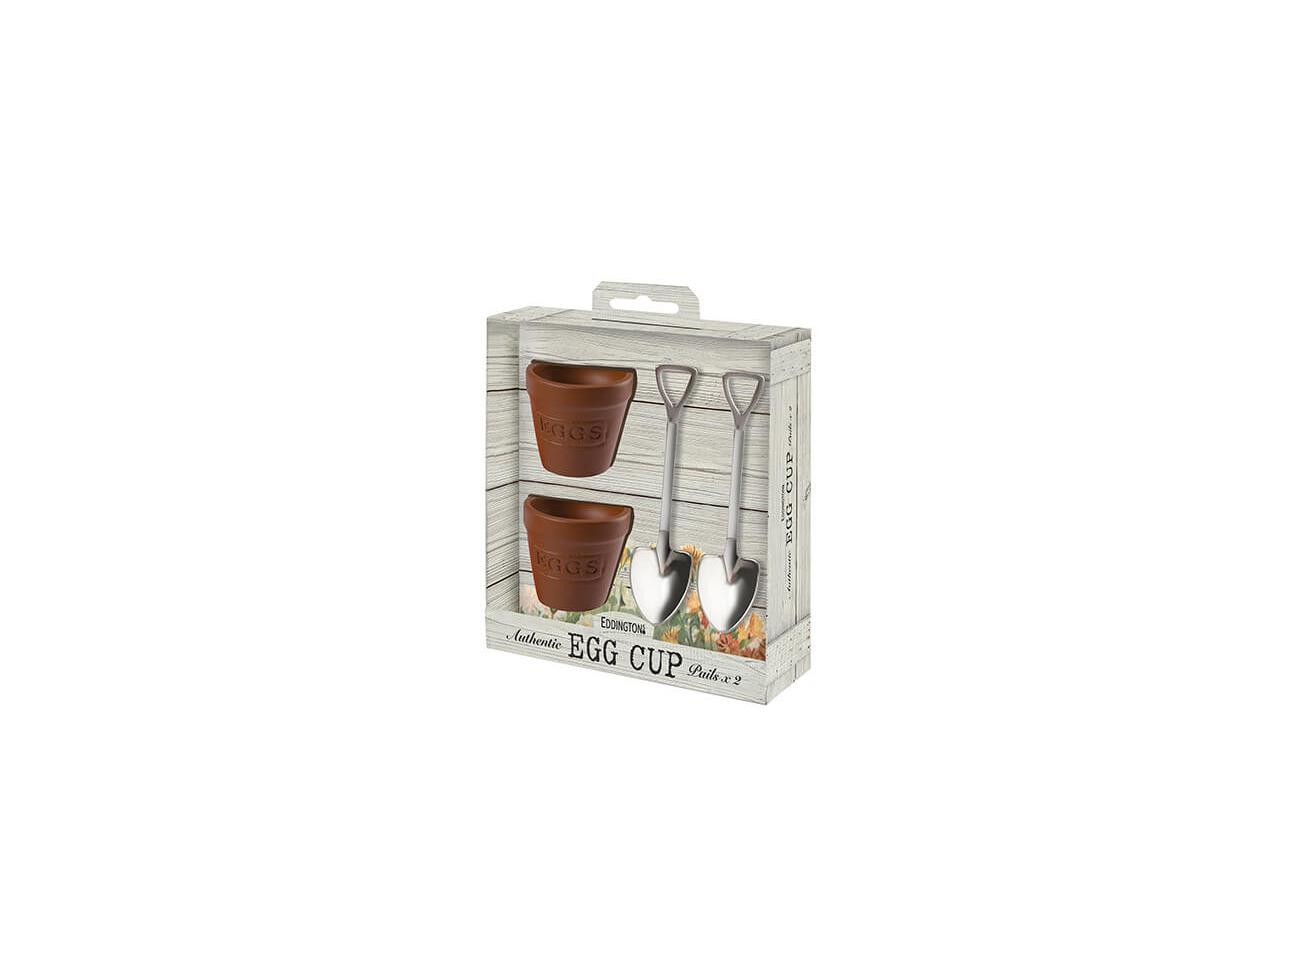 Set of 2 Eddingtons Flower Pot Egg Cups /& Shovel Egg Spoons